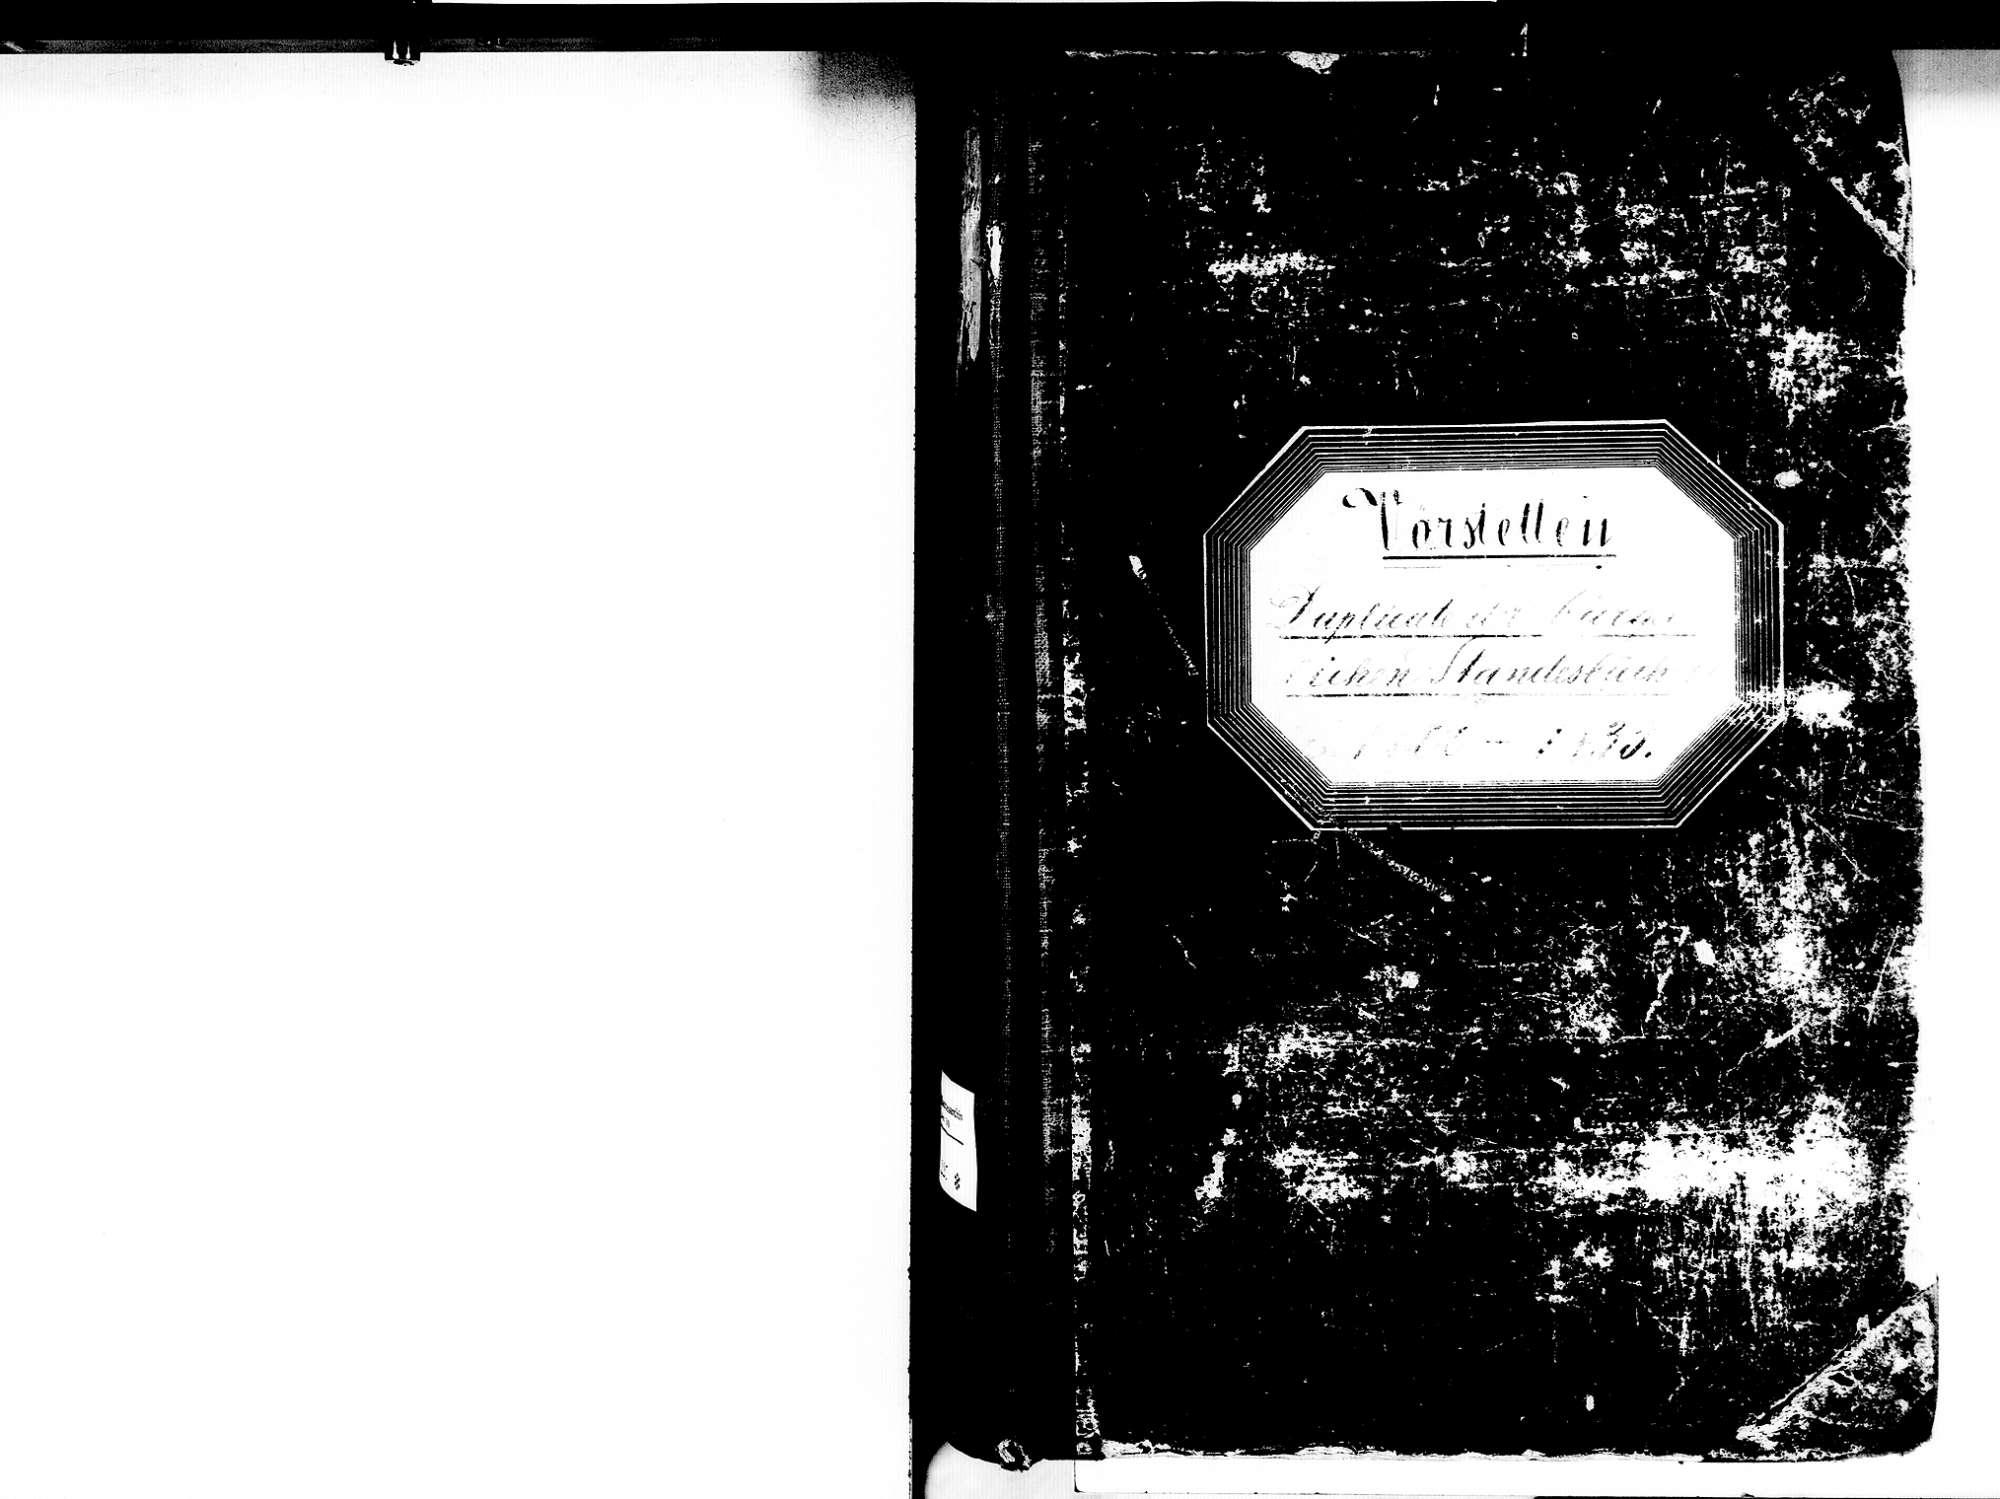 Vörstetten EM; Evangelische Gemeinde: Standesbuch 1800-1835 Enthält: Einzelne Katholische Einträge, Bild 2